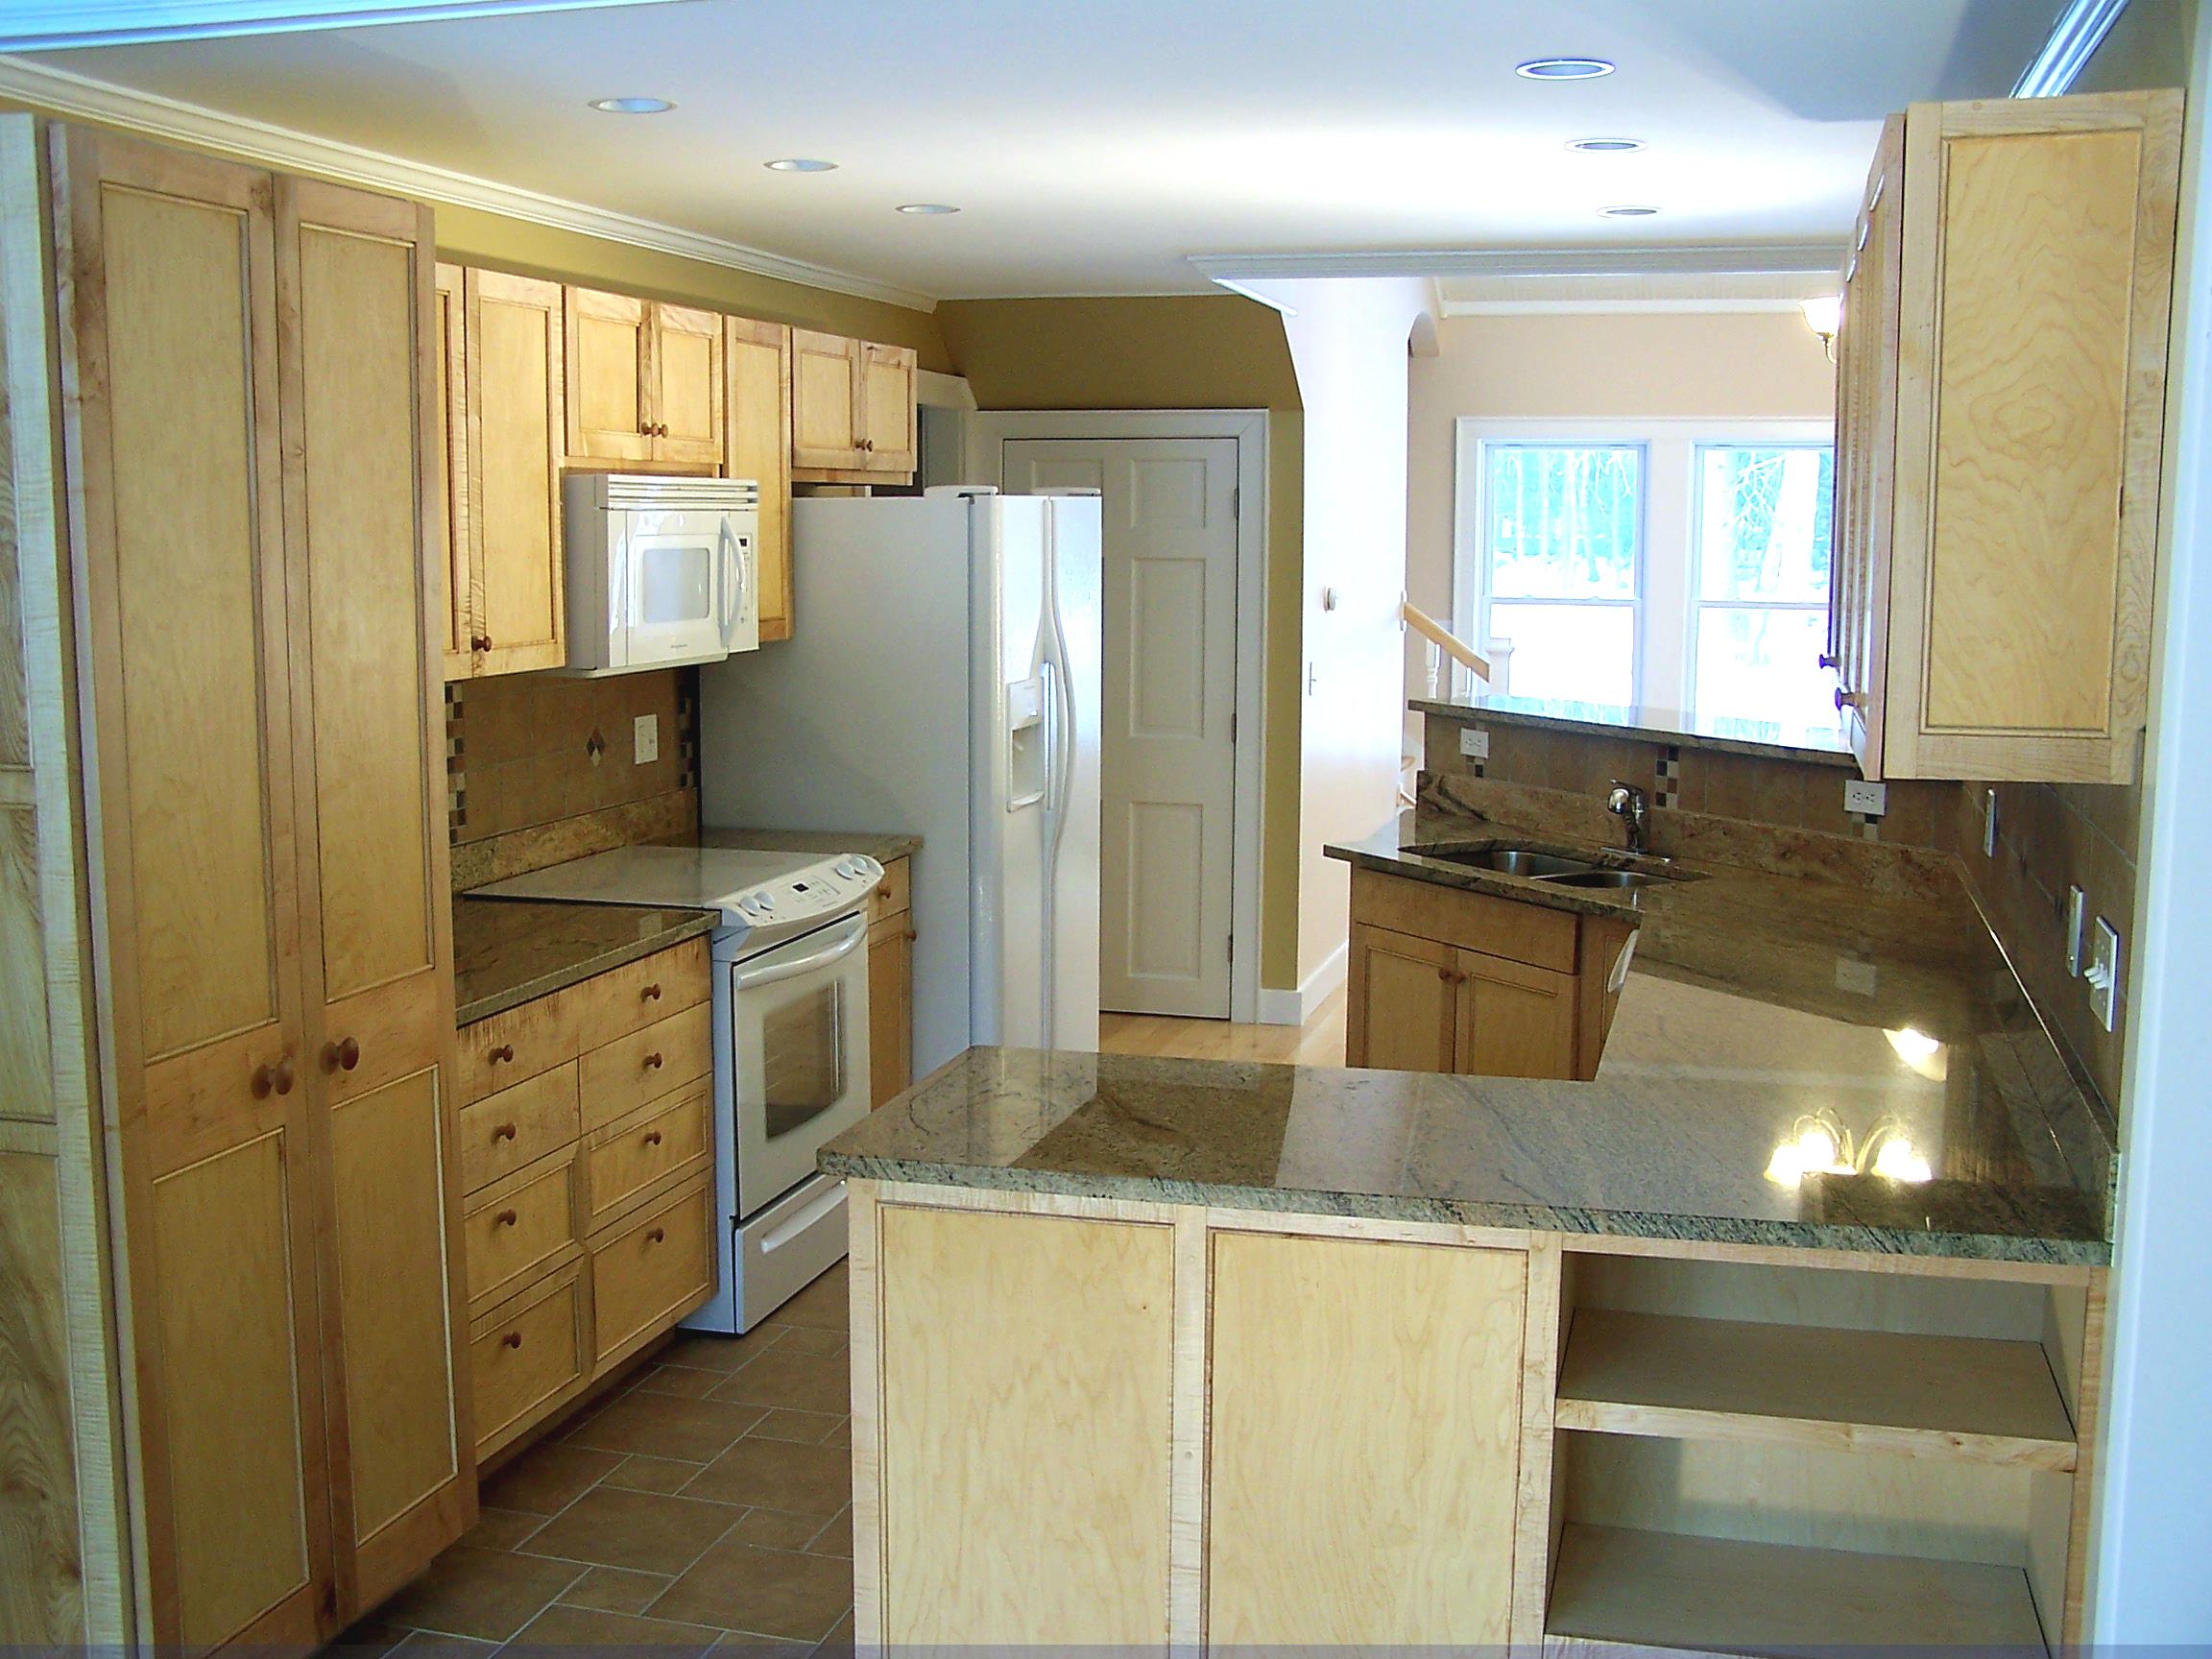 steele_kitchen10.jpg